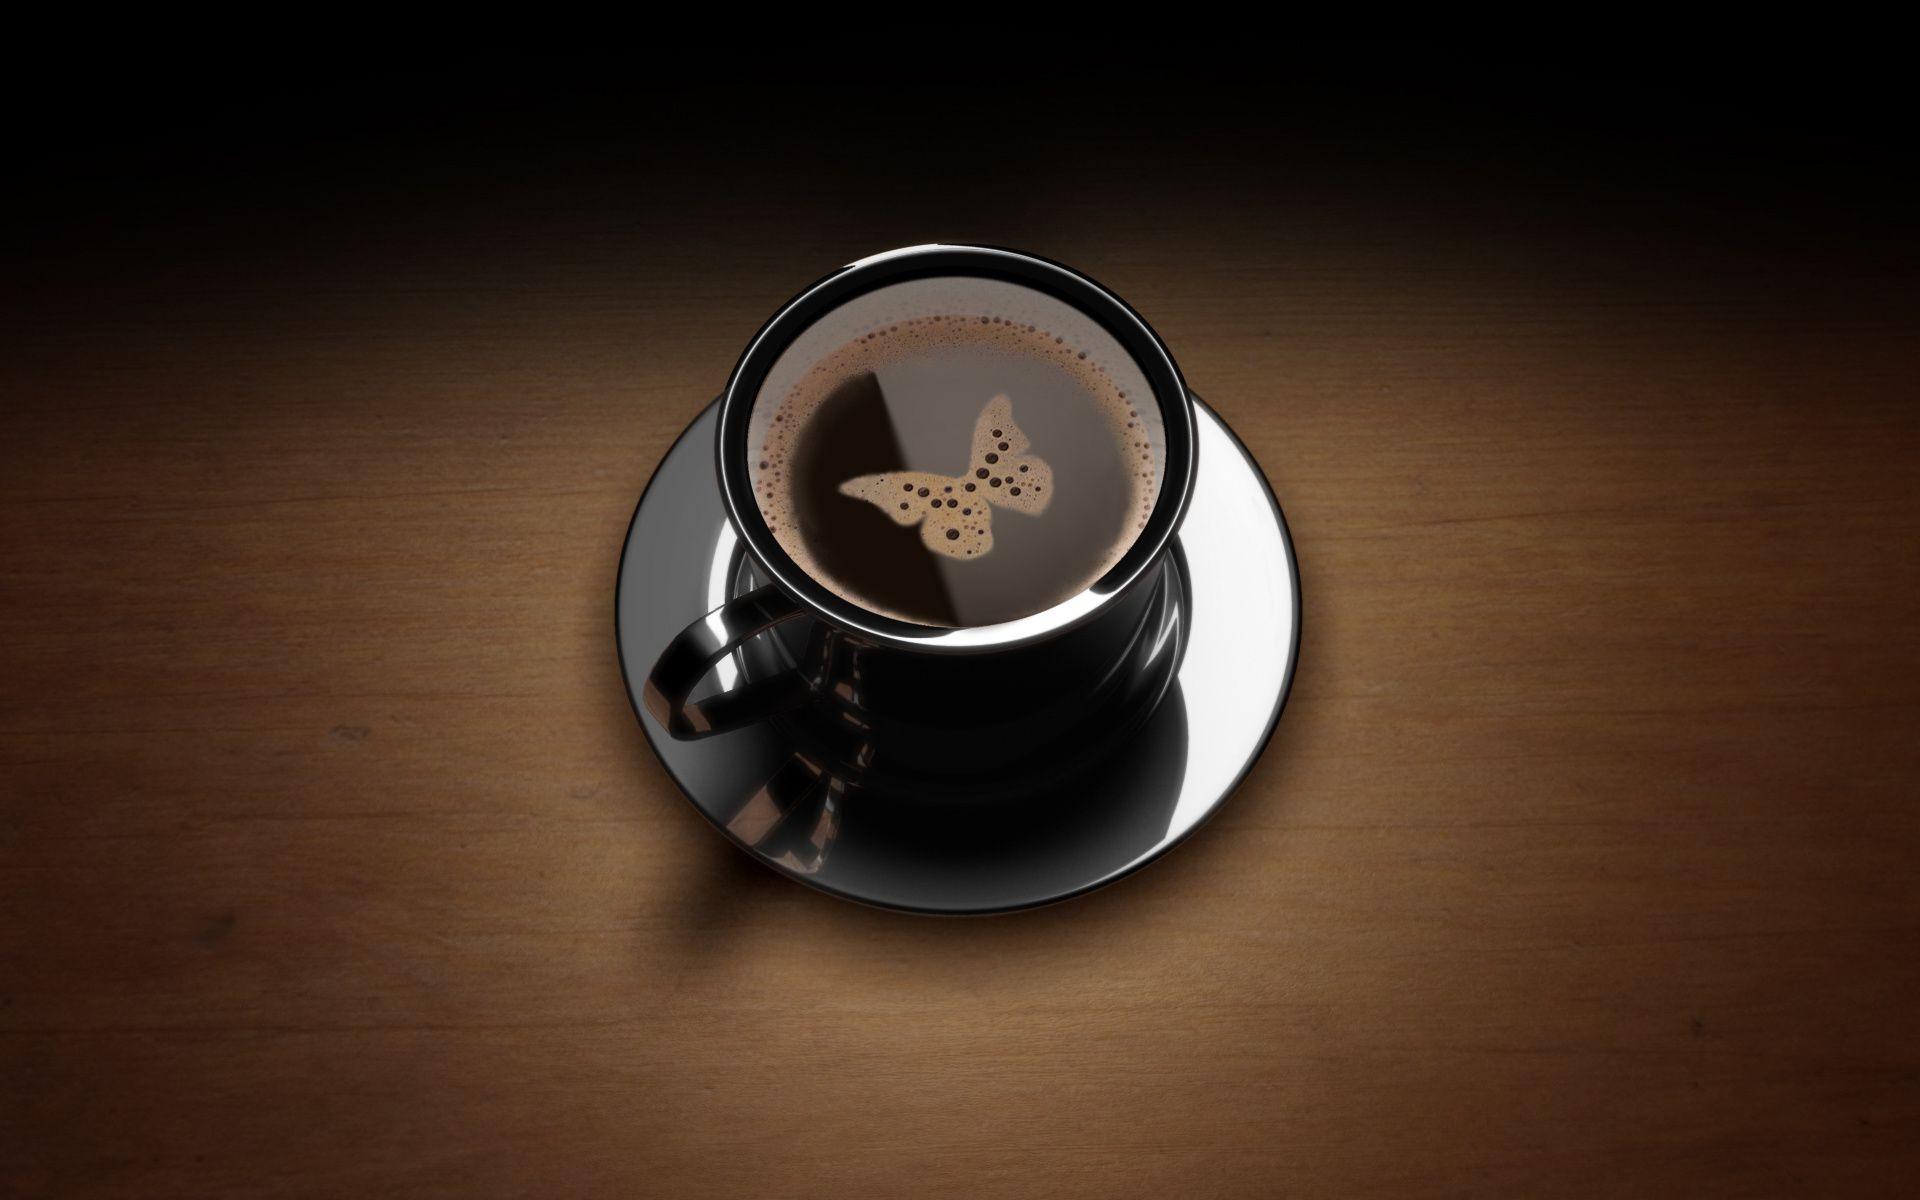 кофе мышь компьютерная чашка черная  № 2175134  скачать